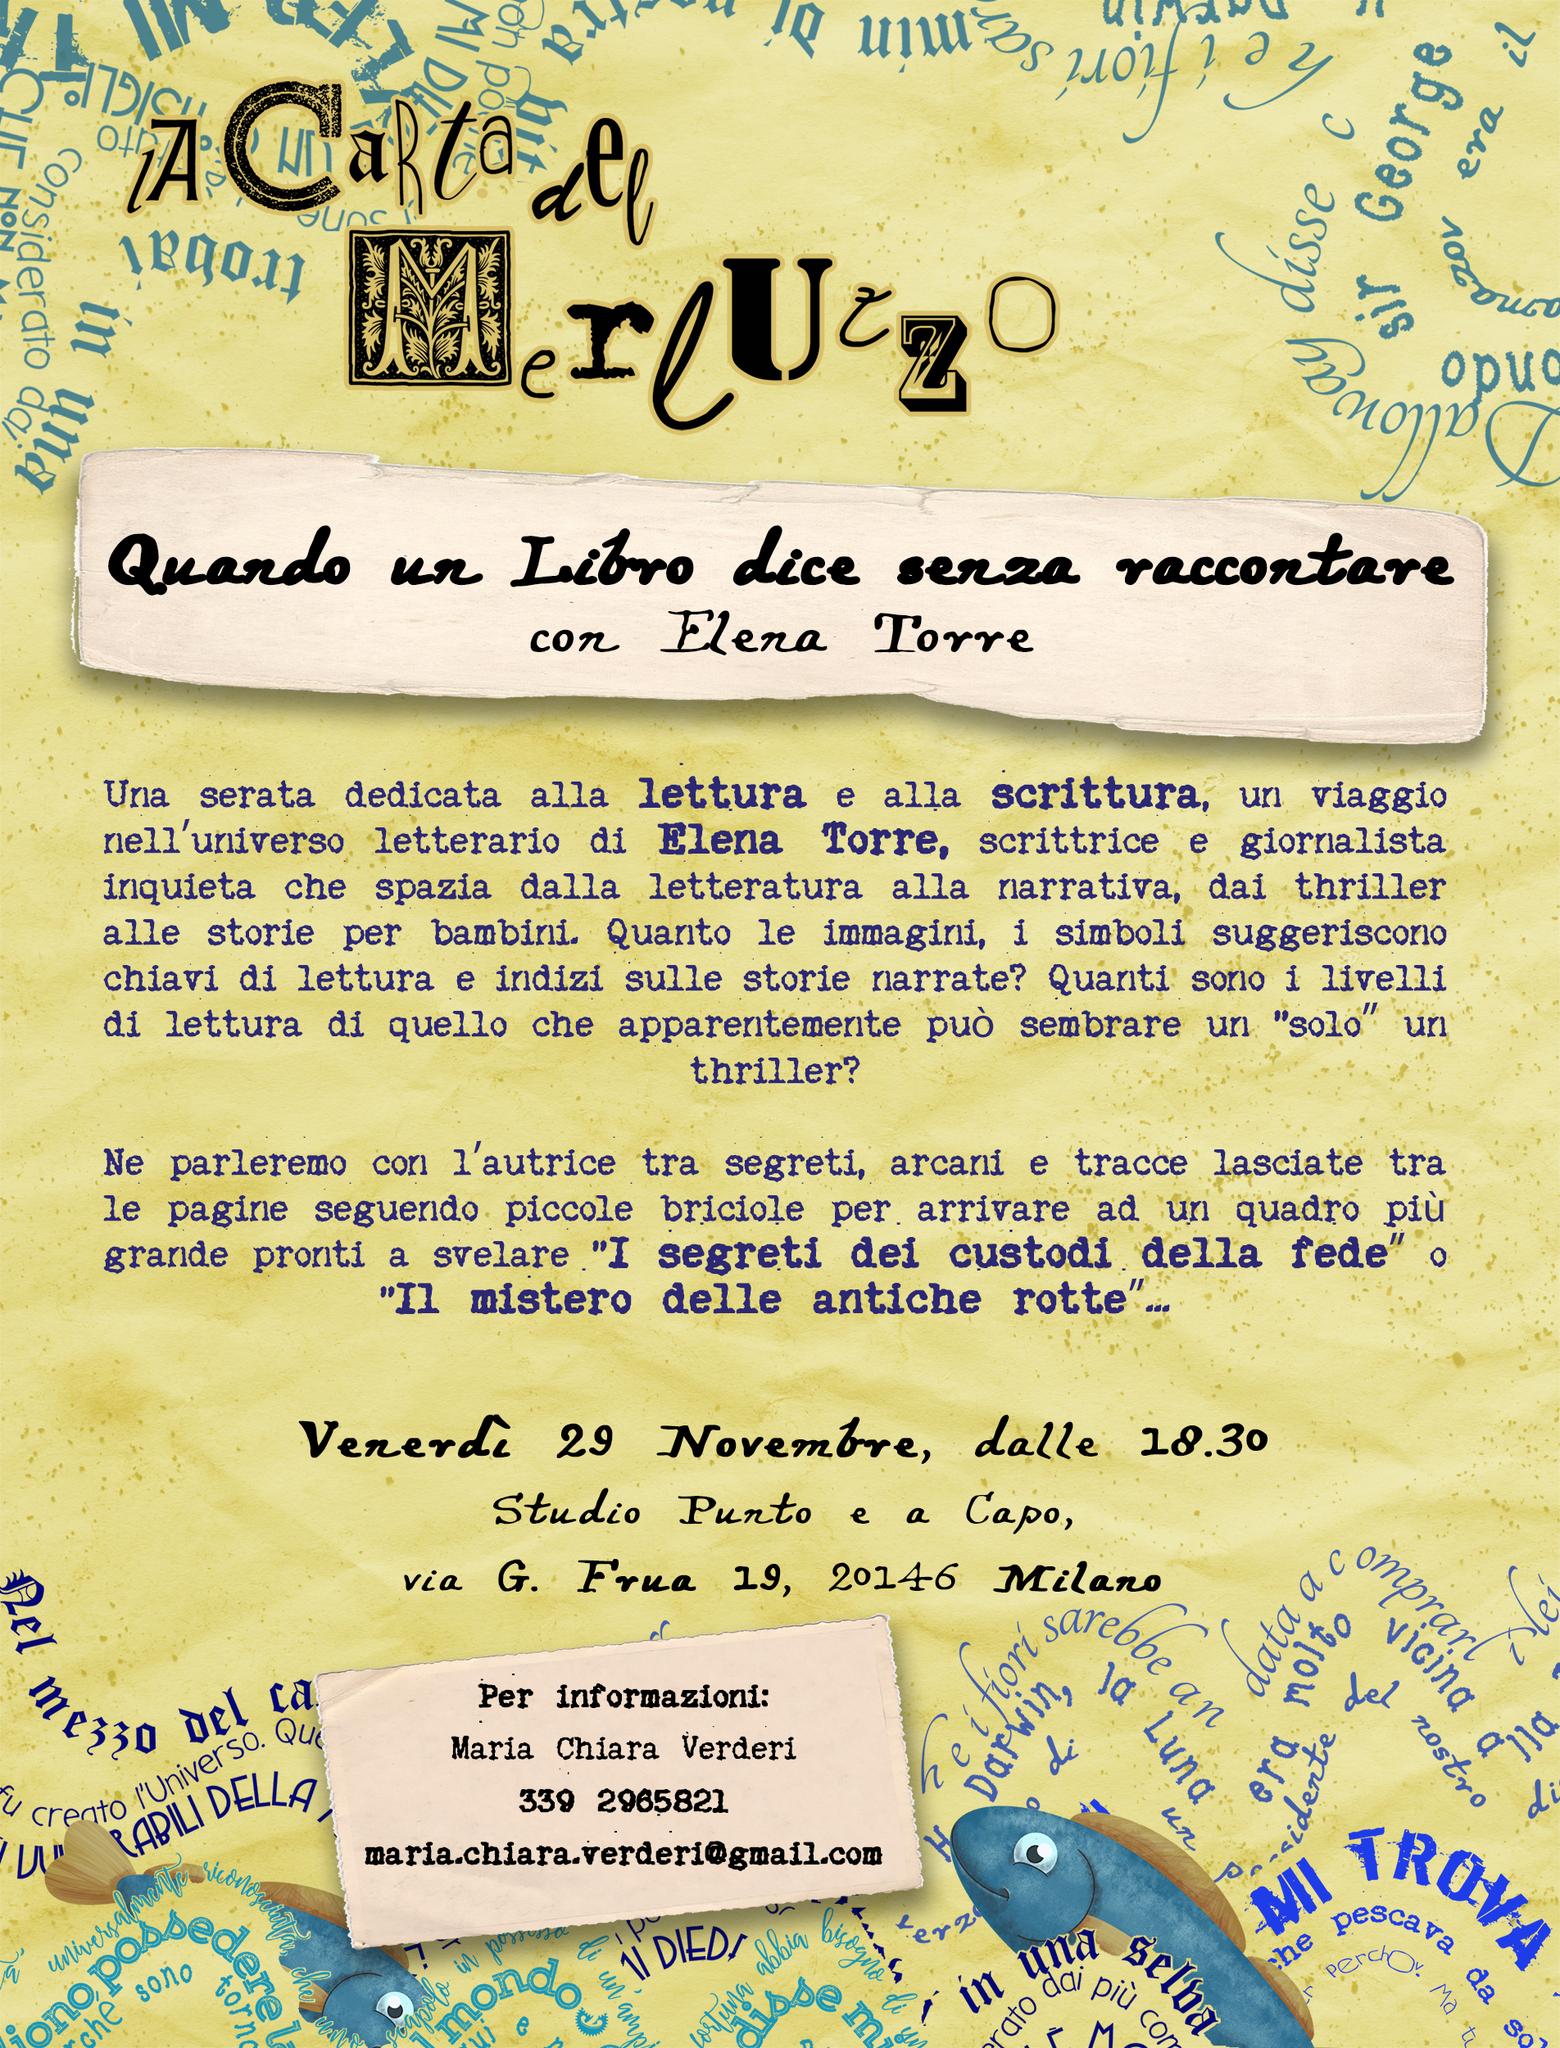 """Milano, 29 Novembre 2019, per La Carta del Merluzzo serata dal titolo """"Quando un Libro dice senza raccontare"""" con Elena Torre"""